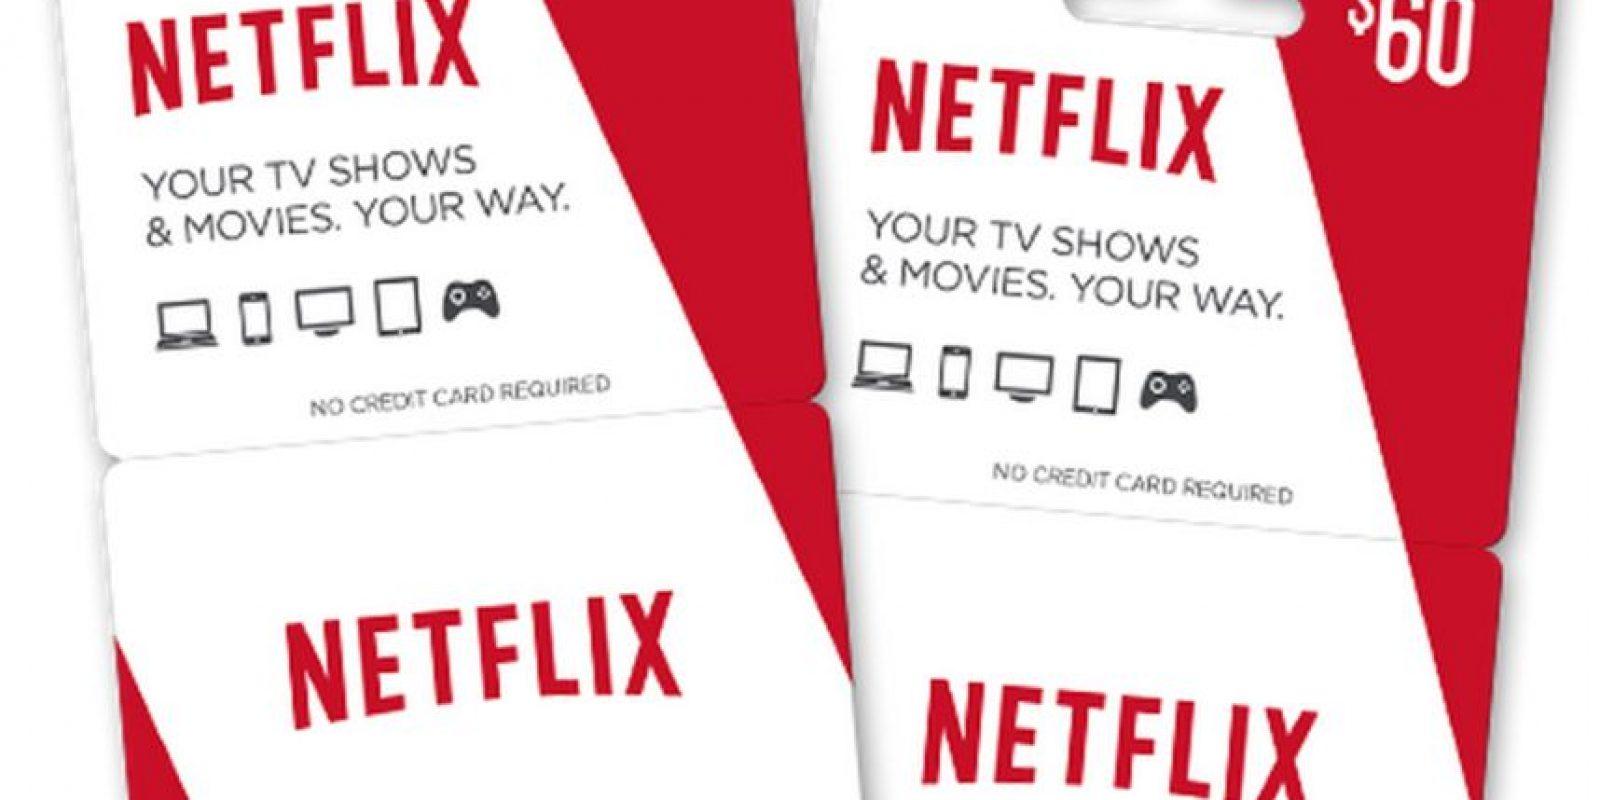 """Aunque no lo crean, Netflix tiene su propia película oficial y se llama """"Example Movie"""", la cual está disponible en el catálogo Foto:Netflix"""